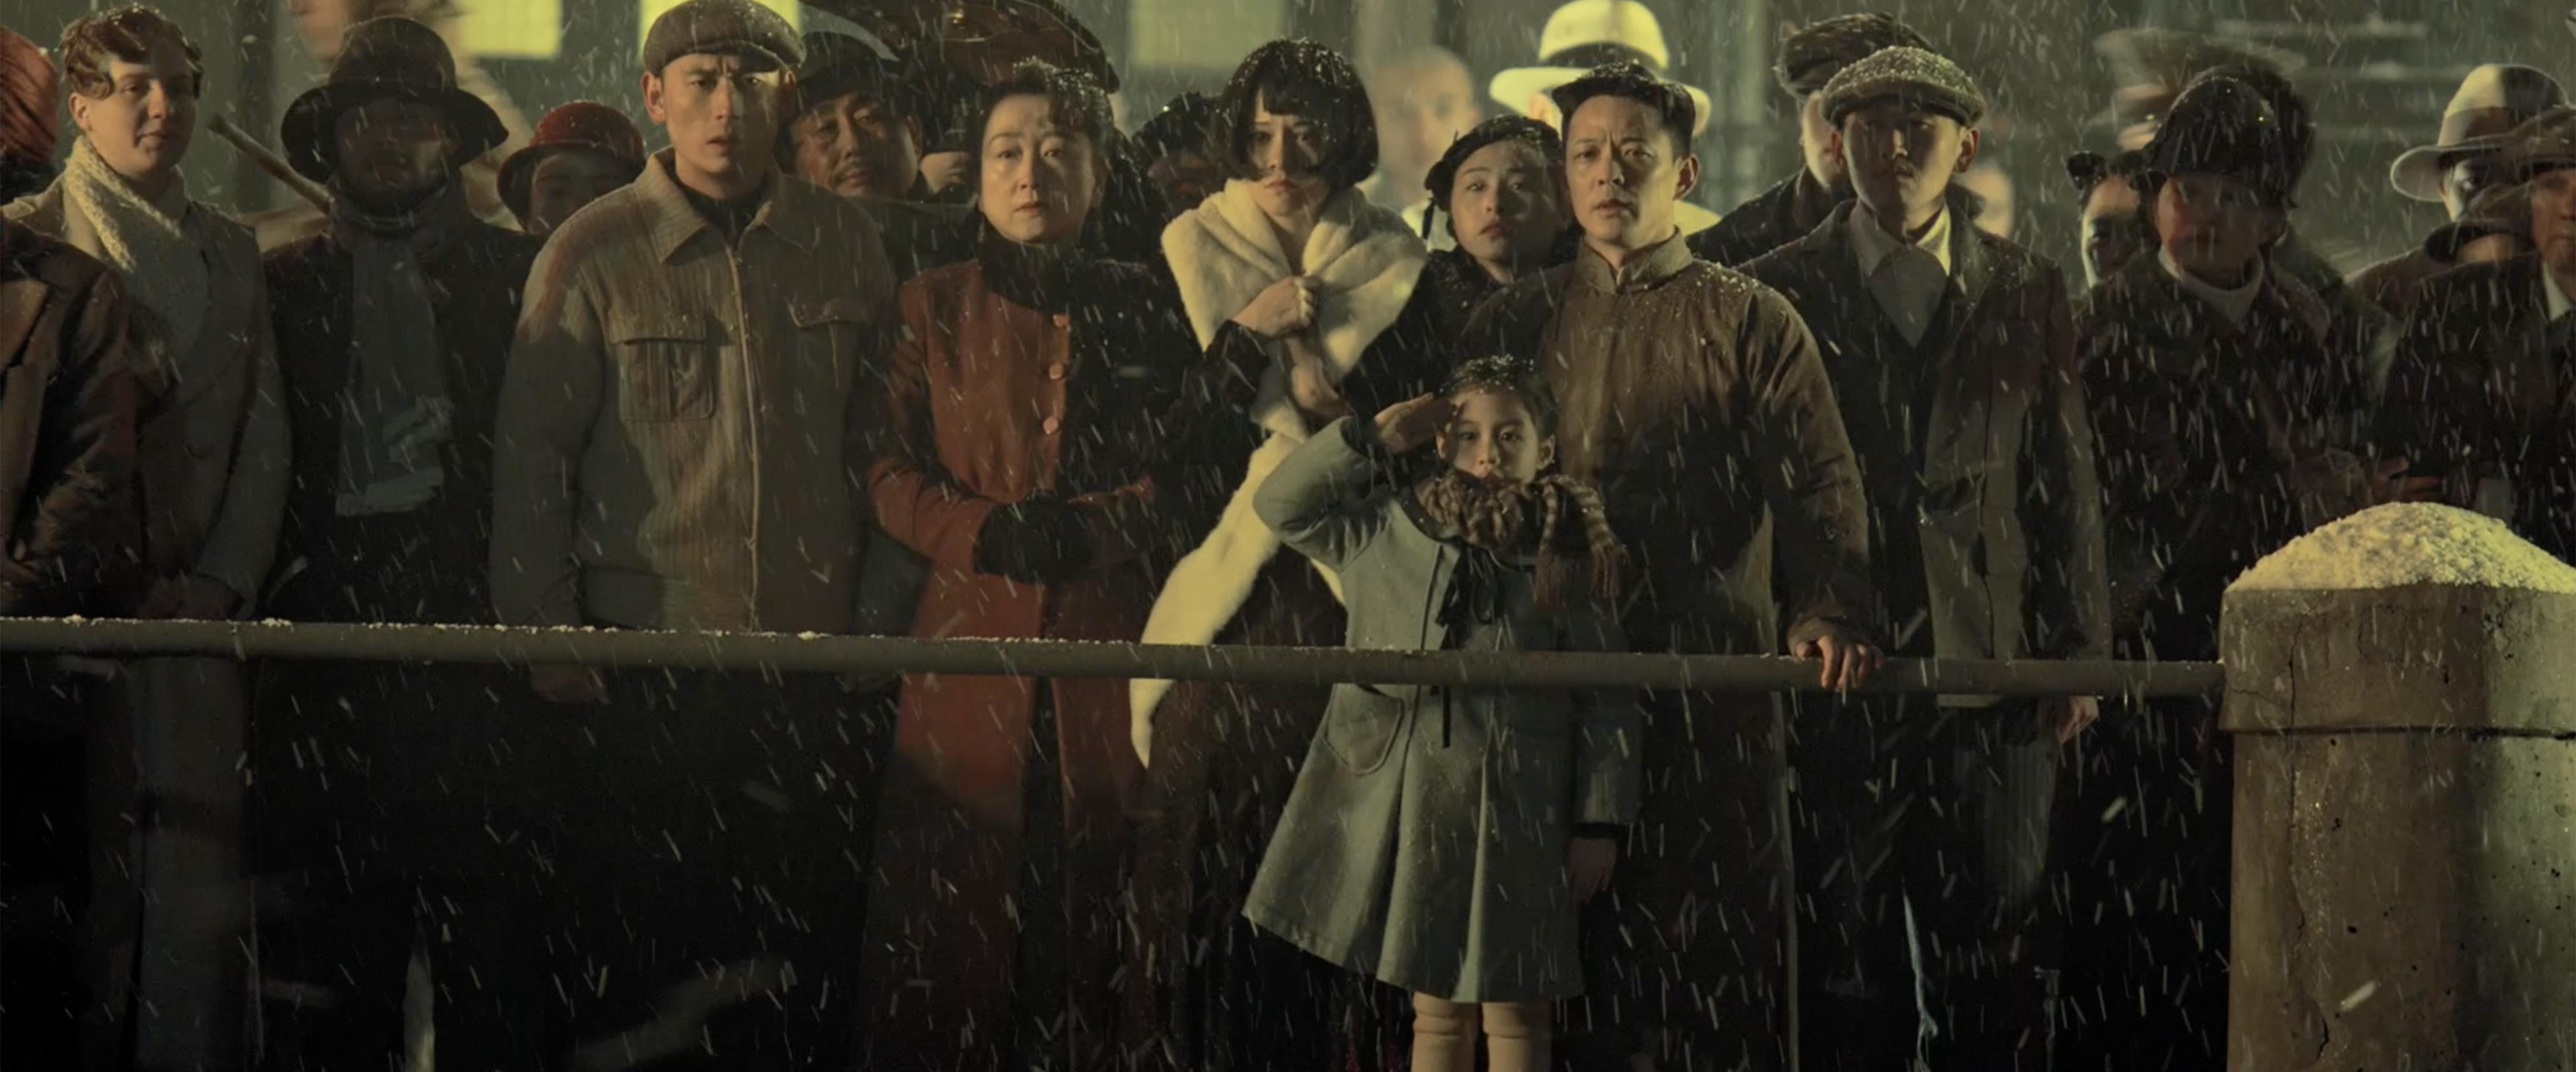 Una delle scene più commoventi dell'opera di Guan Hu